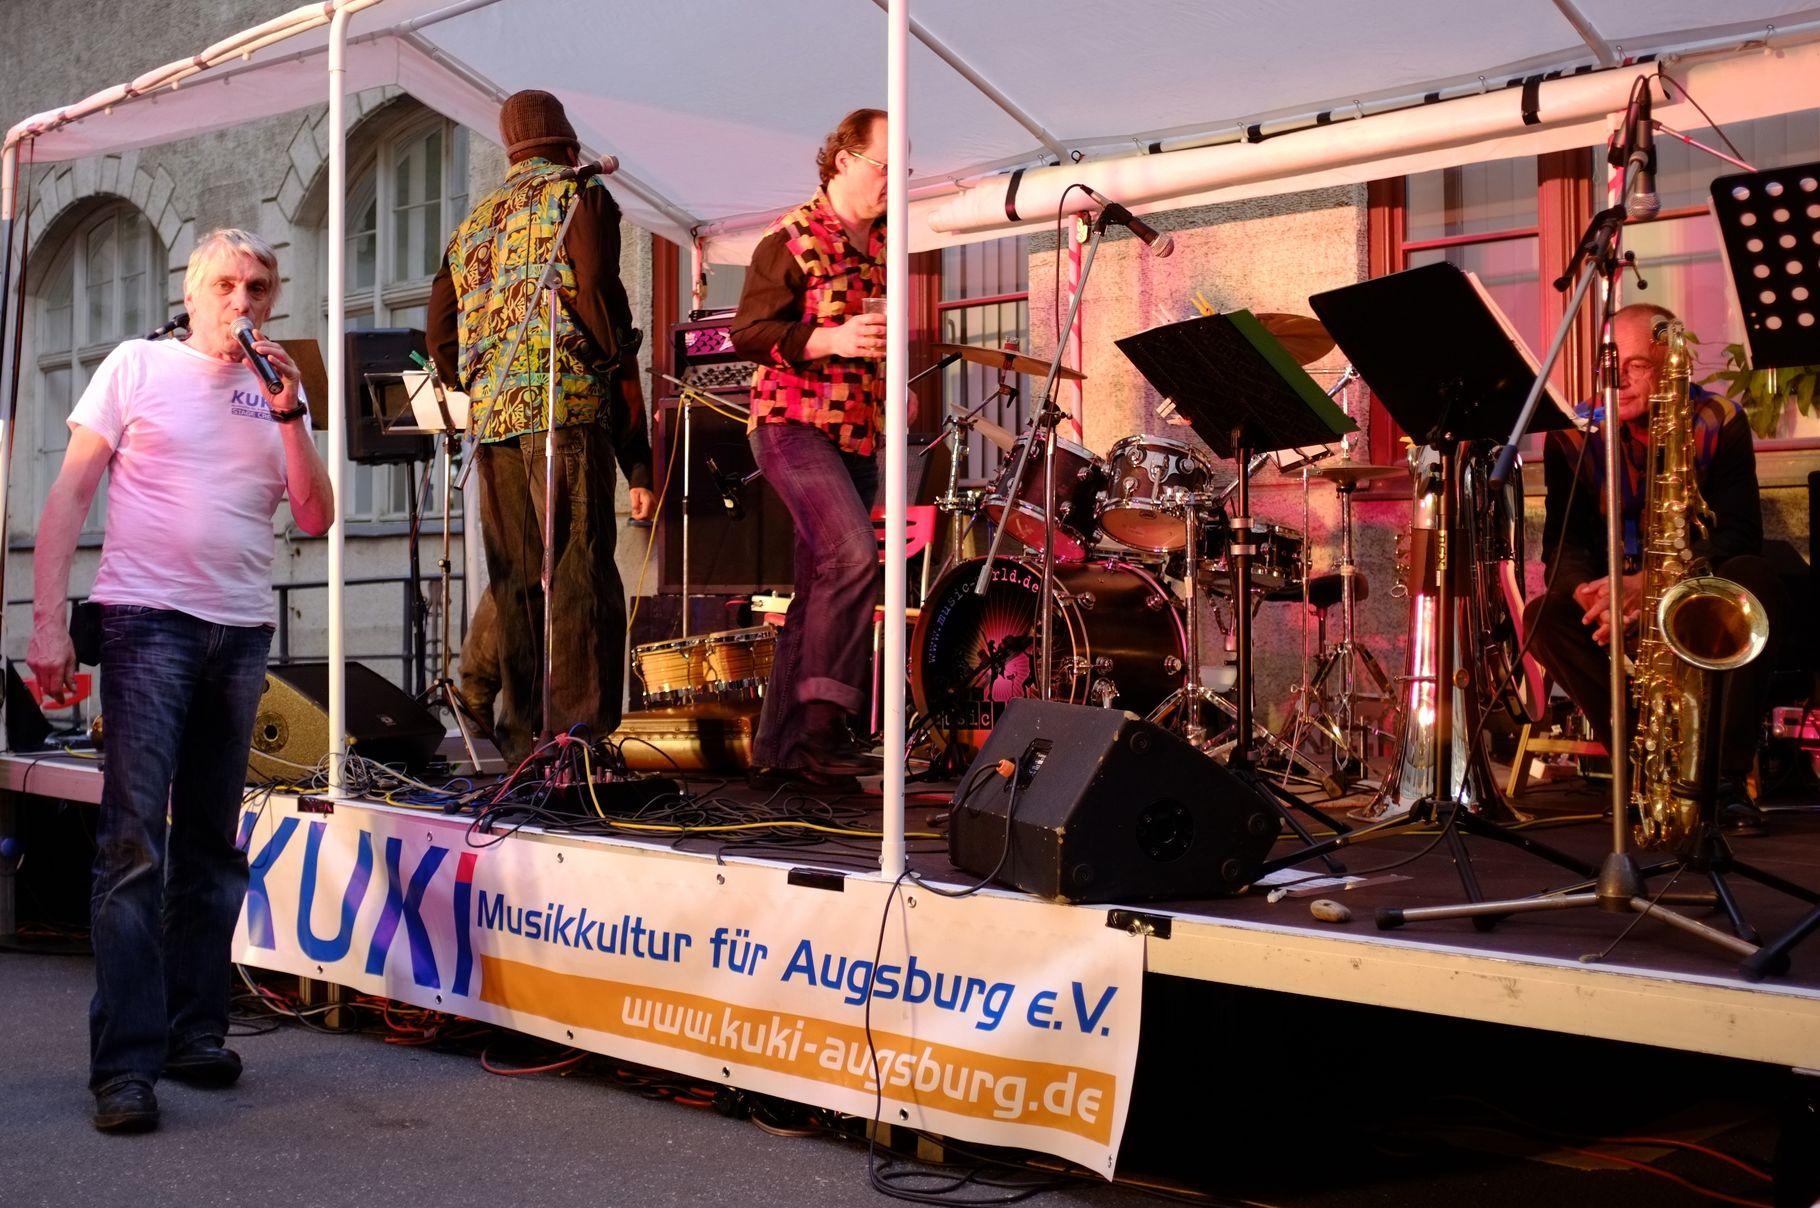 Konzerte im Bürgerhof 22.06.2012 Jürgen Gebhardt - Freiwilligen-Zentrum Augsburg - Foto: Martin Schönberger